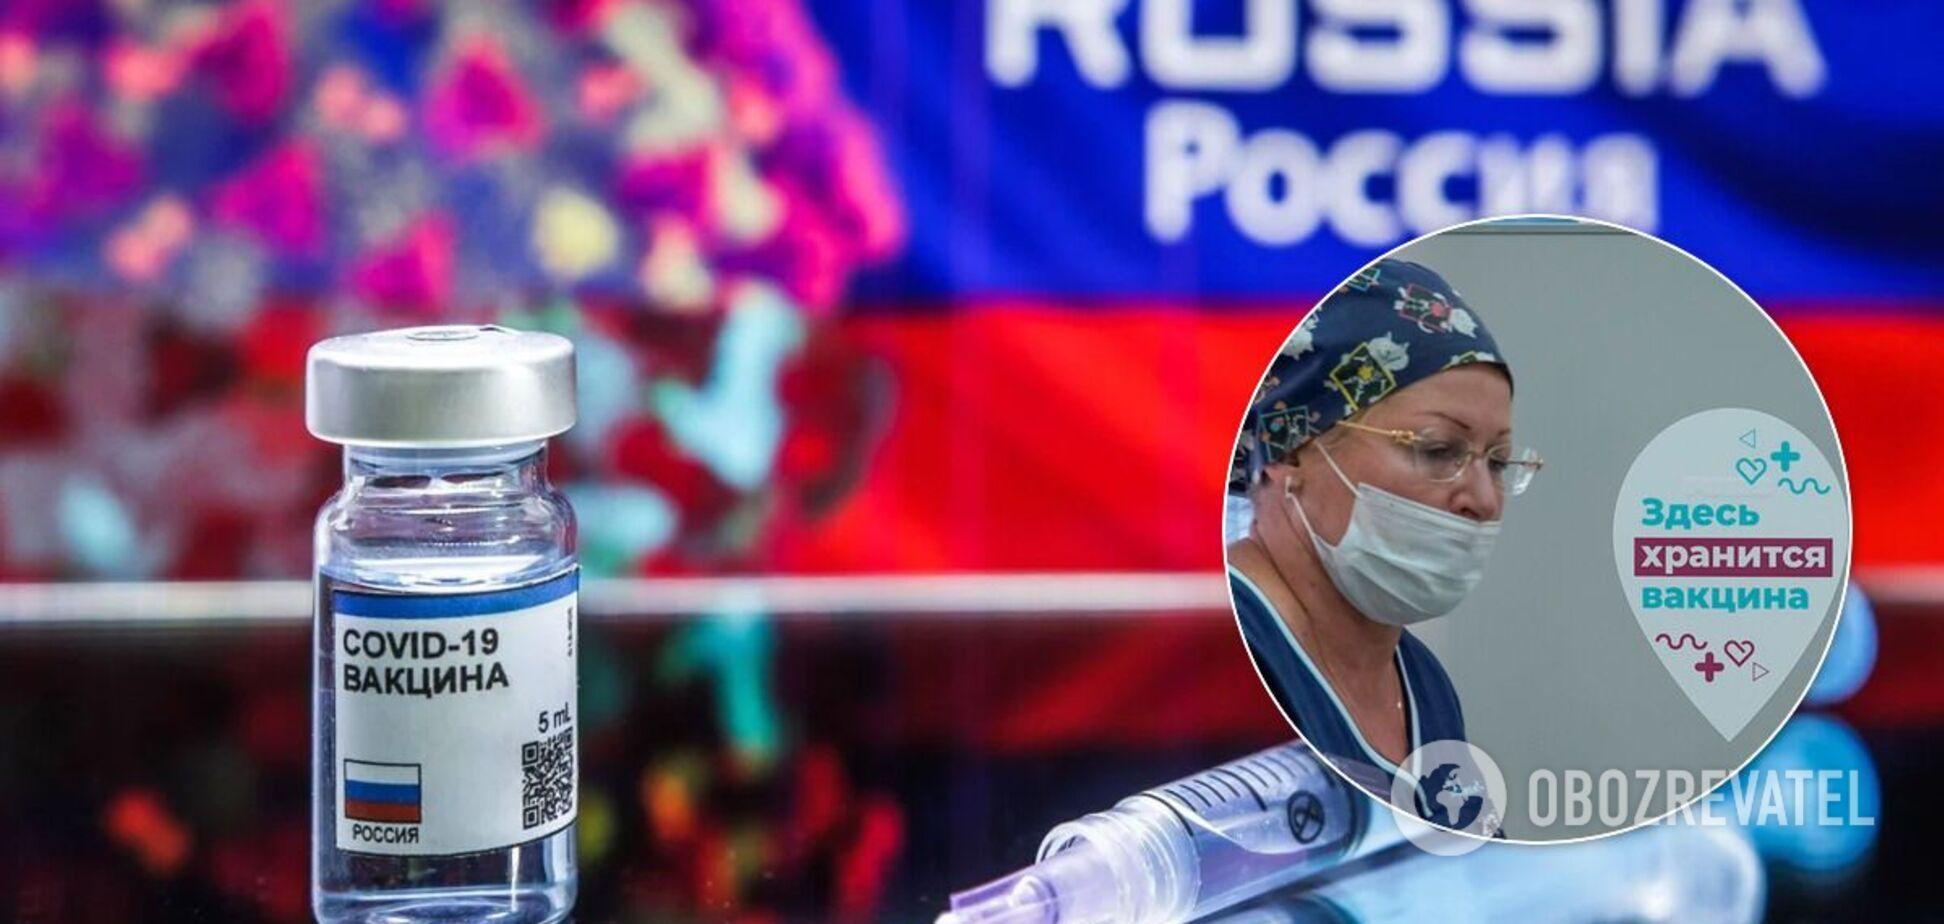 У Москві приготувалися вакцинувати проти COVID-19 лікарів і вчителів за наказом Путіна